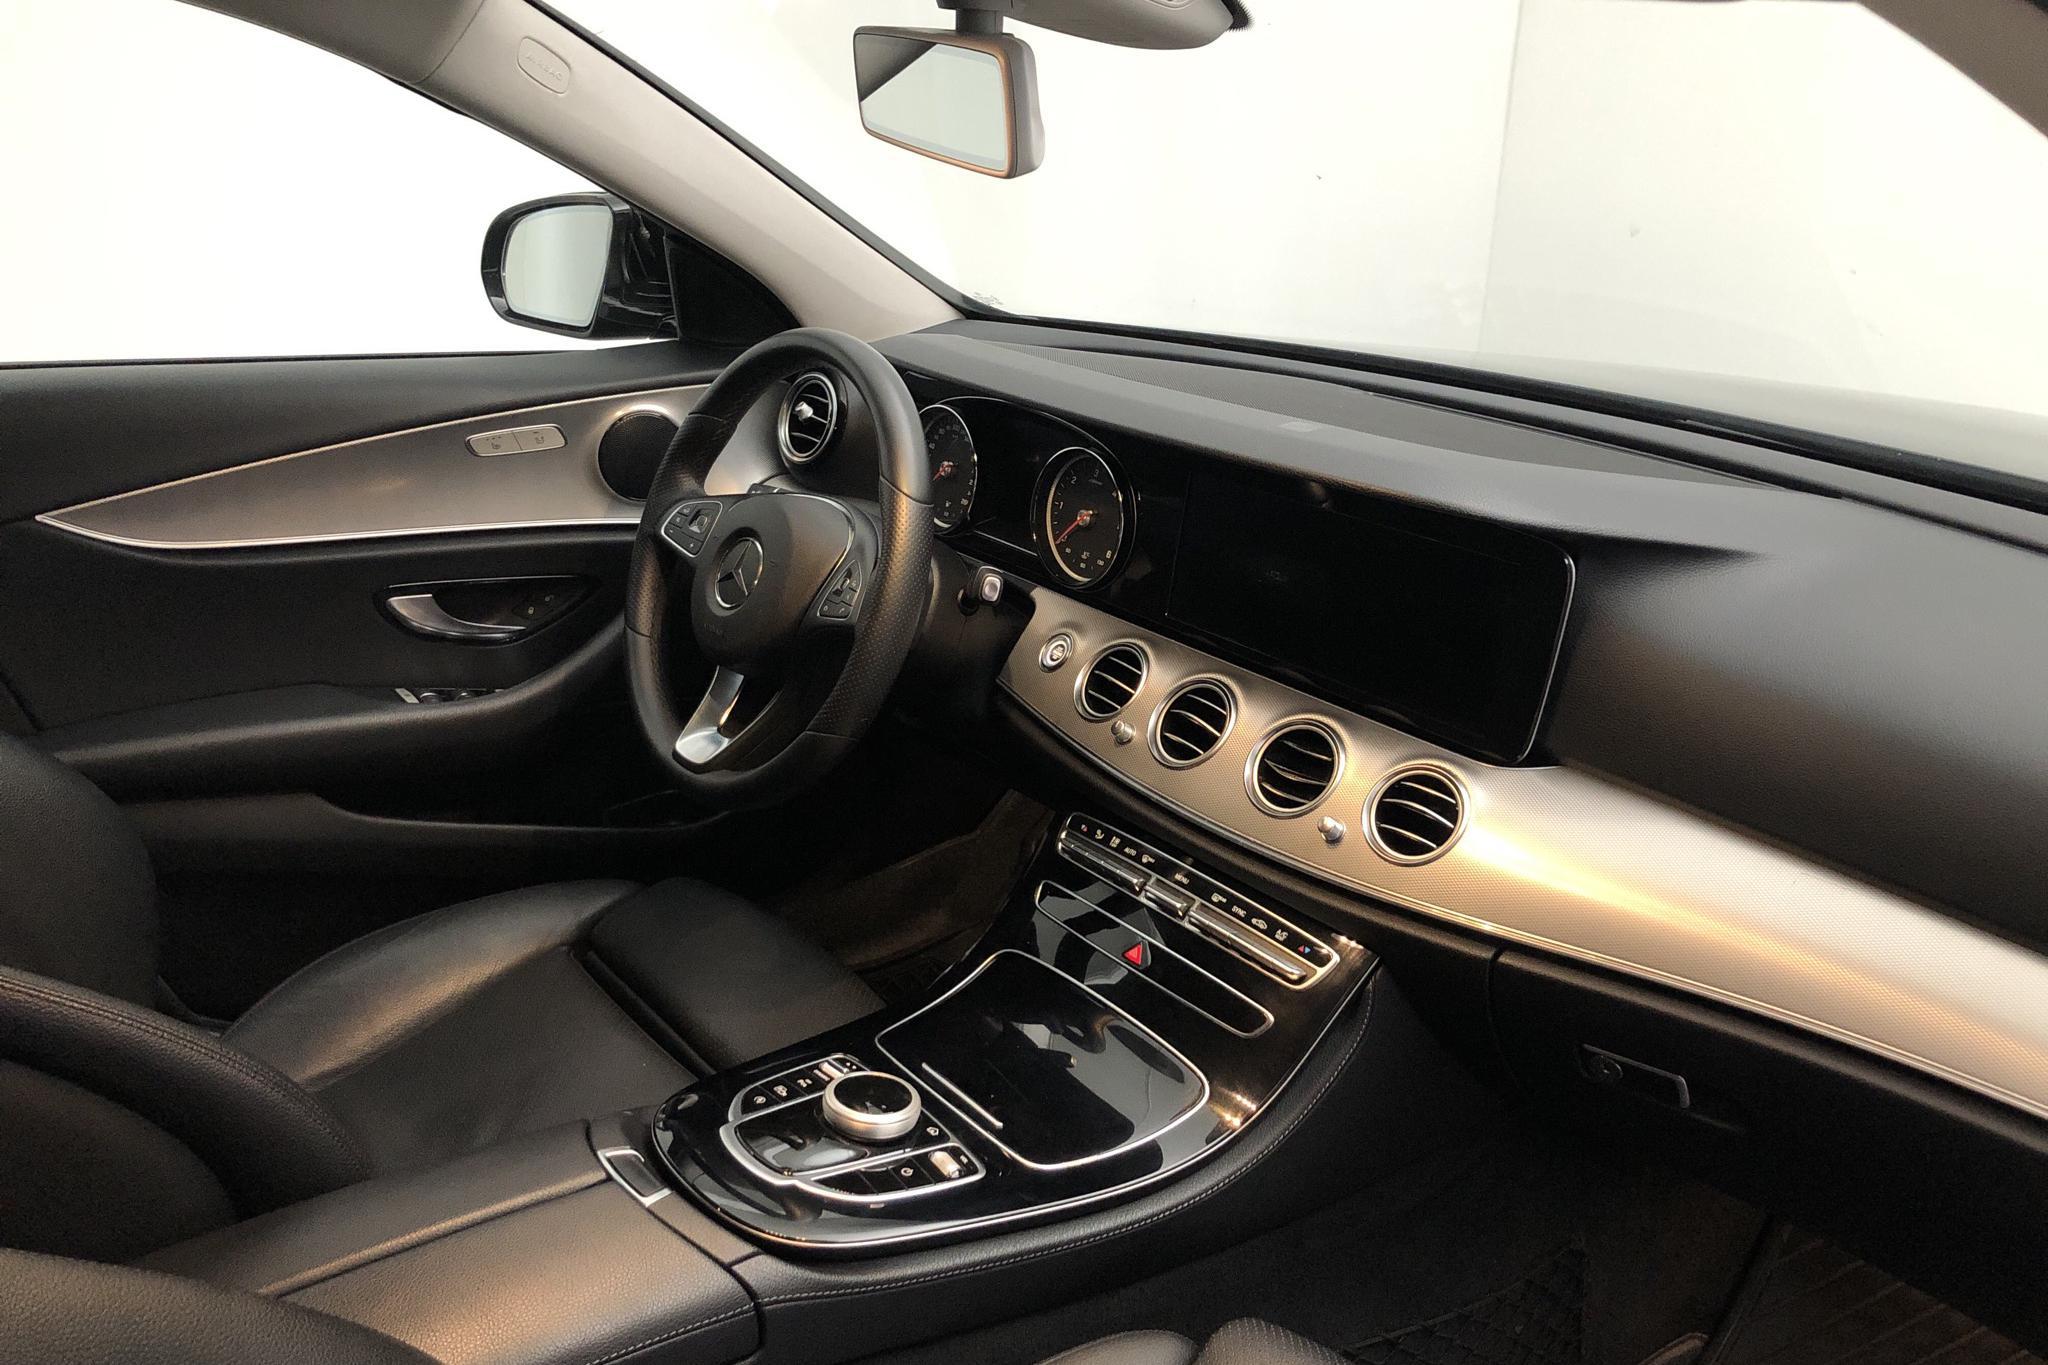 MB E 220 d Sedan W213 (194hk) - 11 993 mil - Automat - svart - 2018